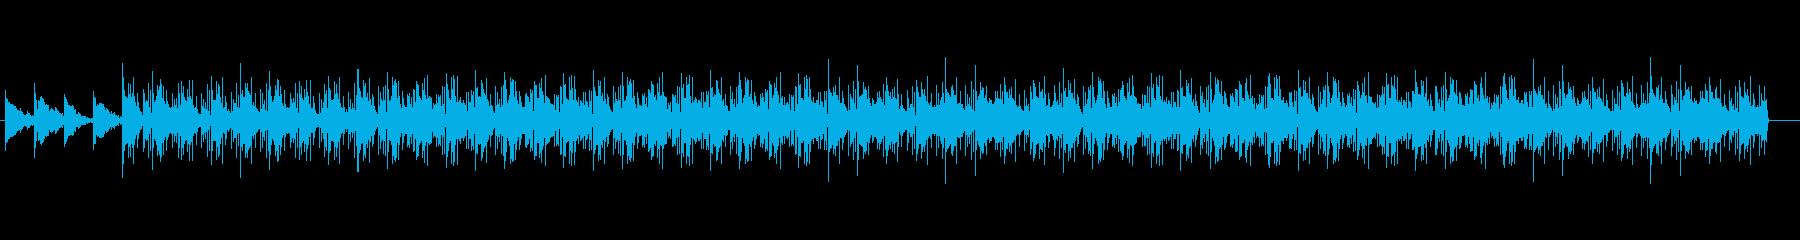 ミニマルなピアノ曲・自然系の再生済みの波形